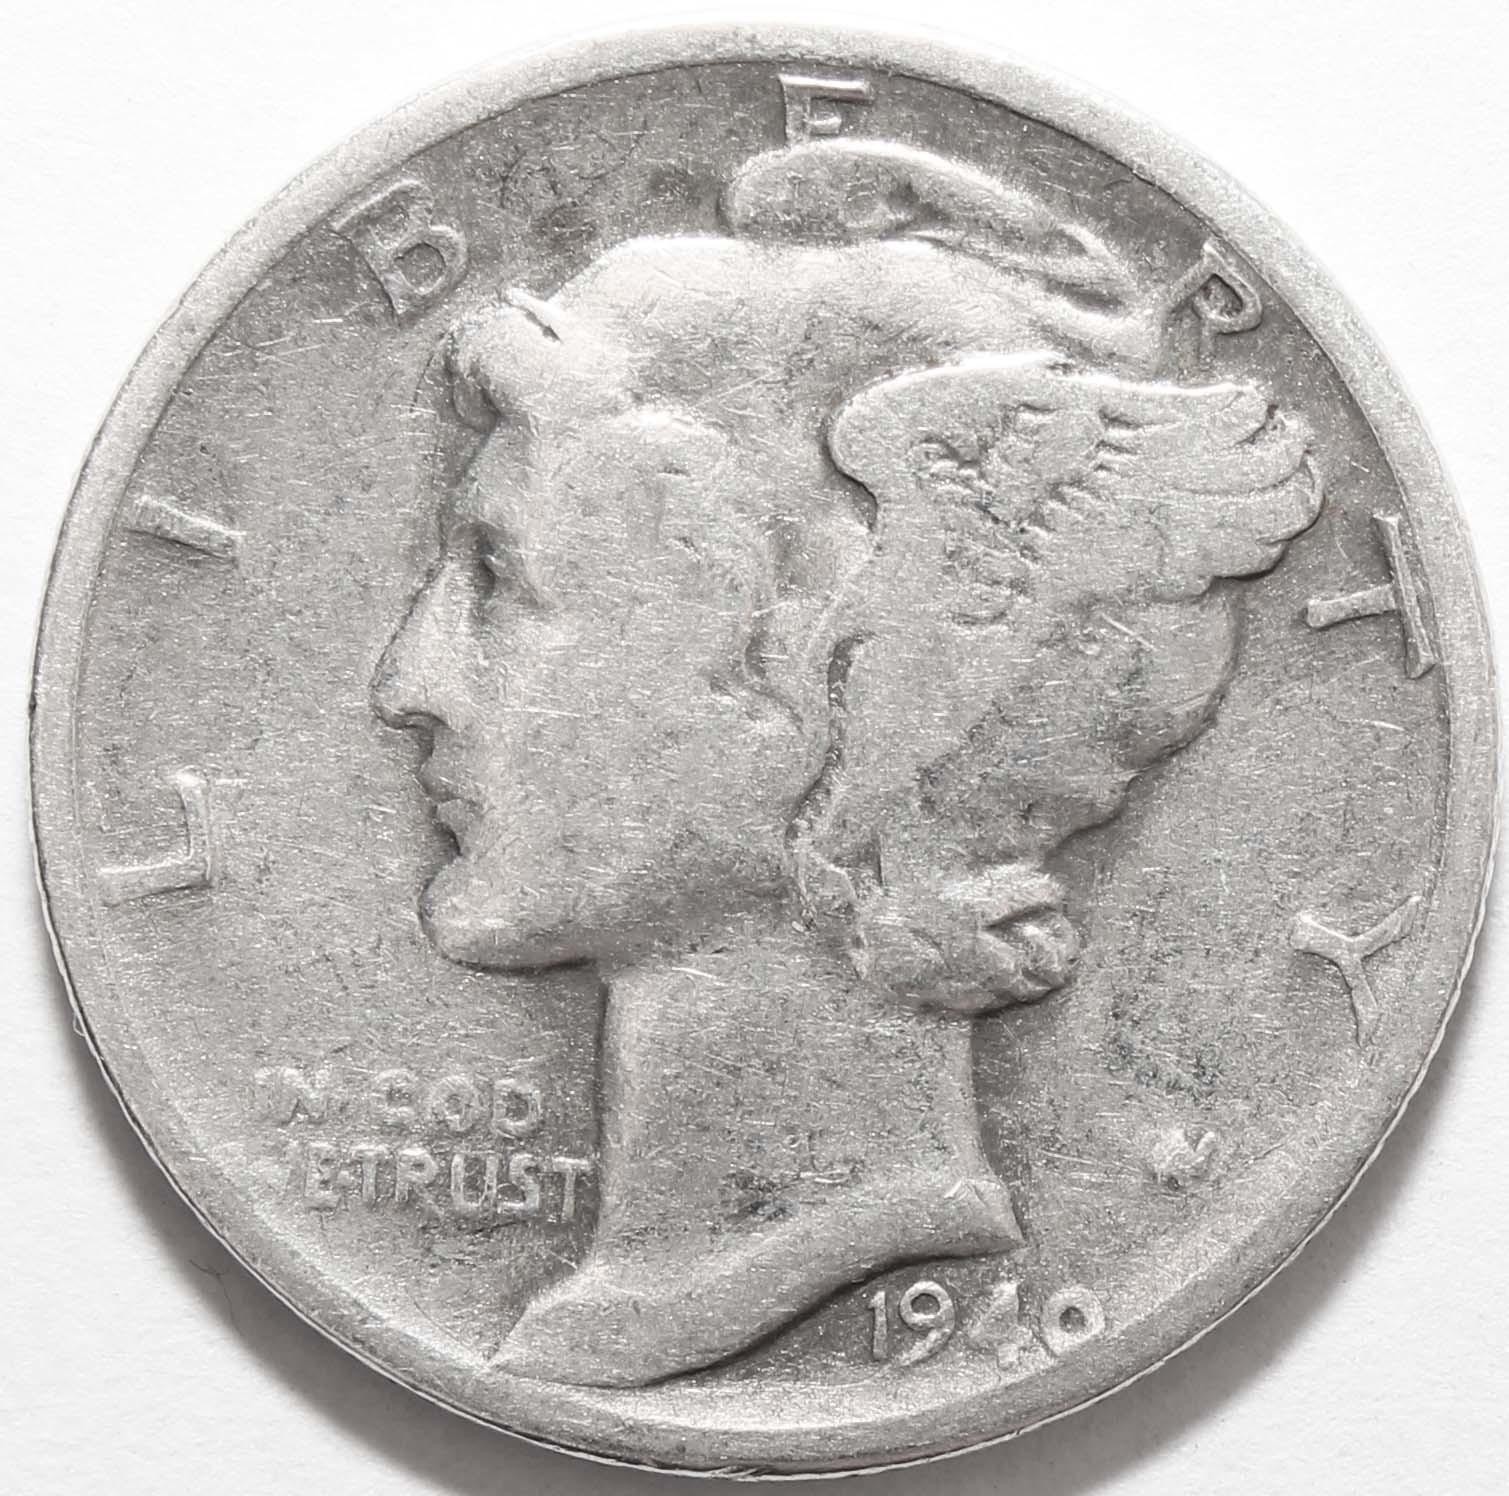 1 дайм (10 центов) 1940. США. F-VF (Меркурий) Серебро